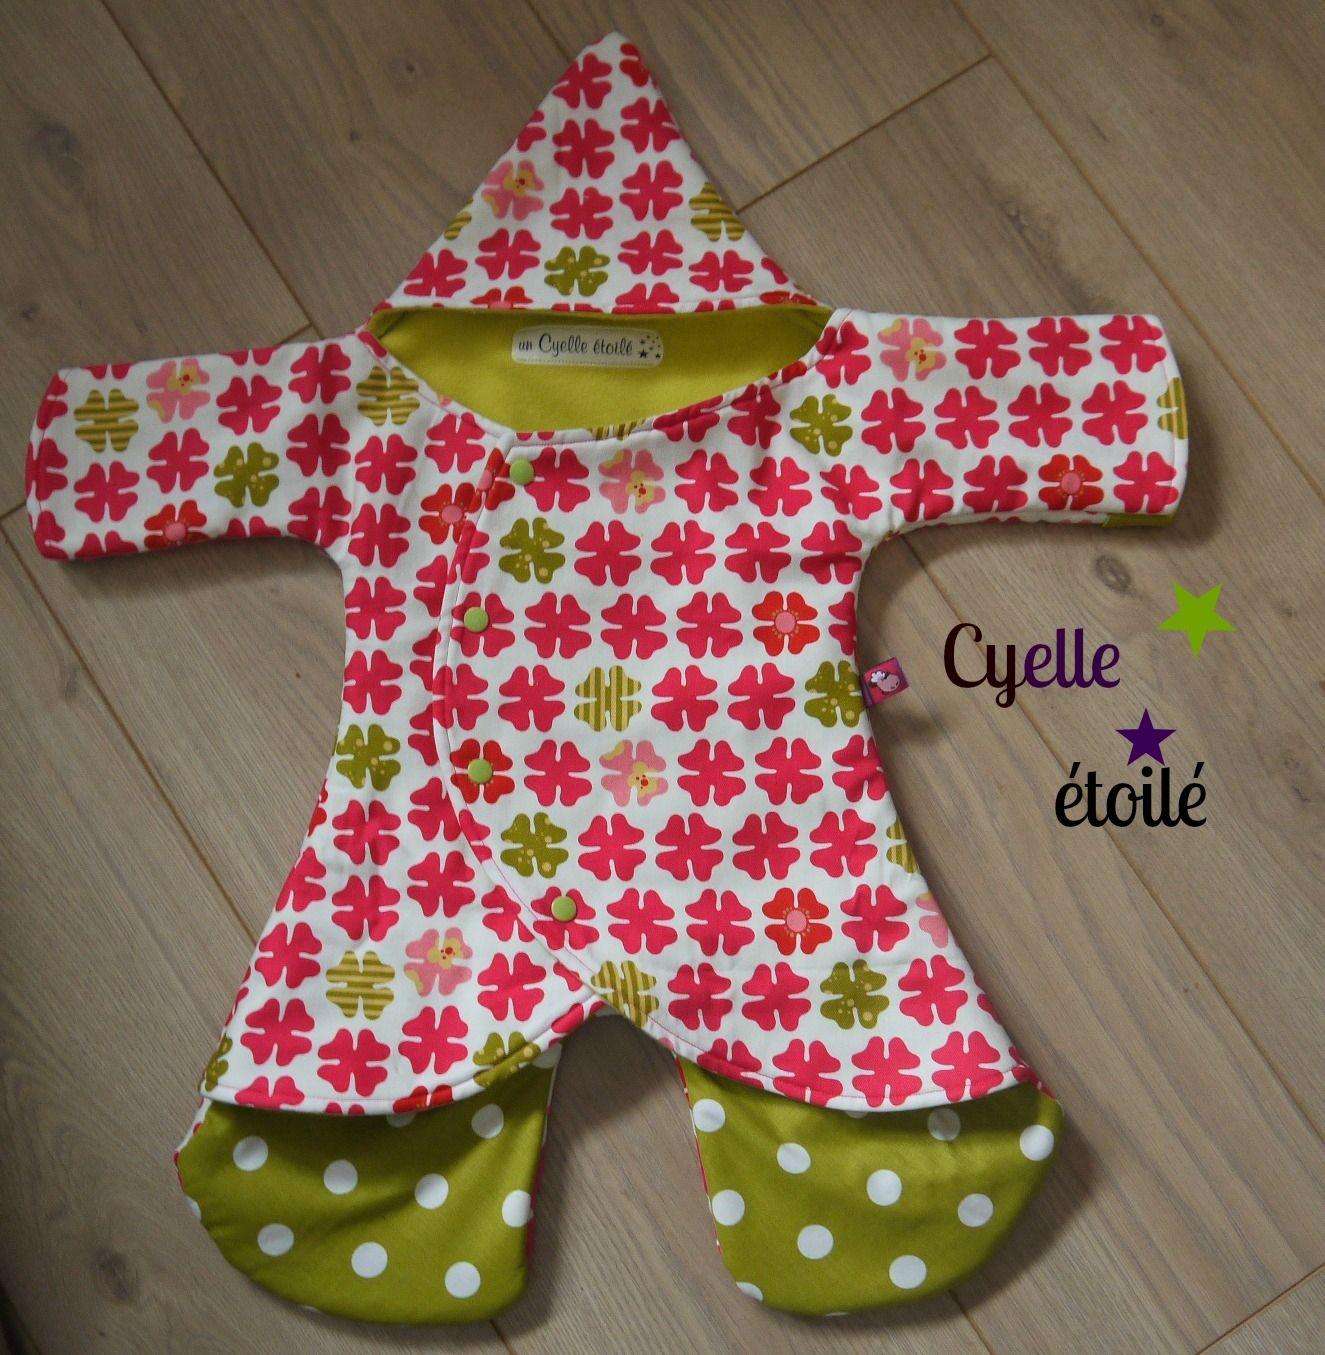 couverture enveloppante pour bébé Kallounette à fleurs, couverture enveloppante pour bébé | enfant  couverture enveloppante pour bébé